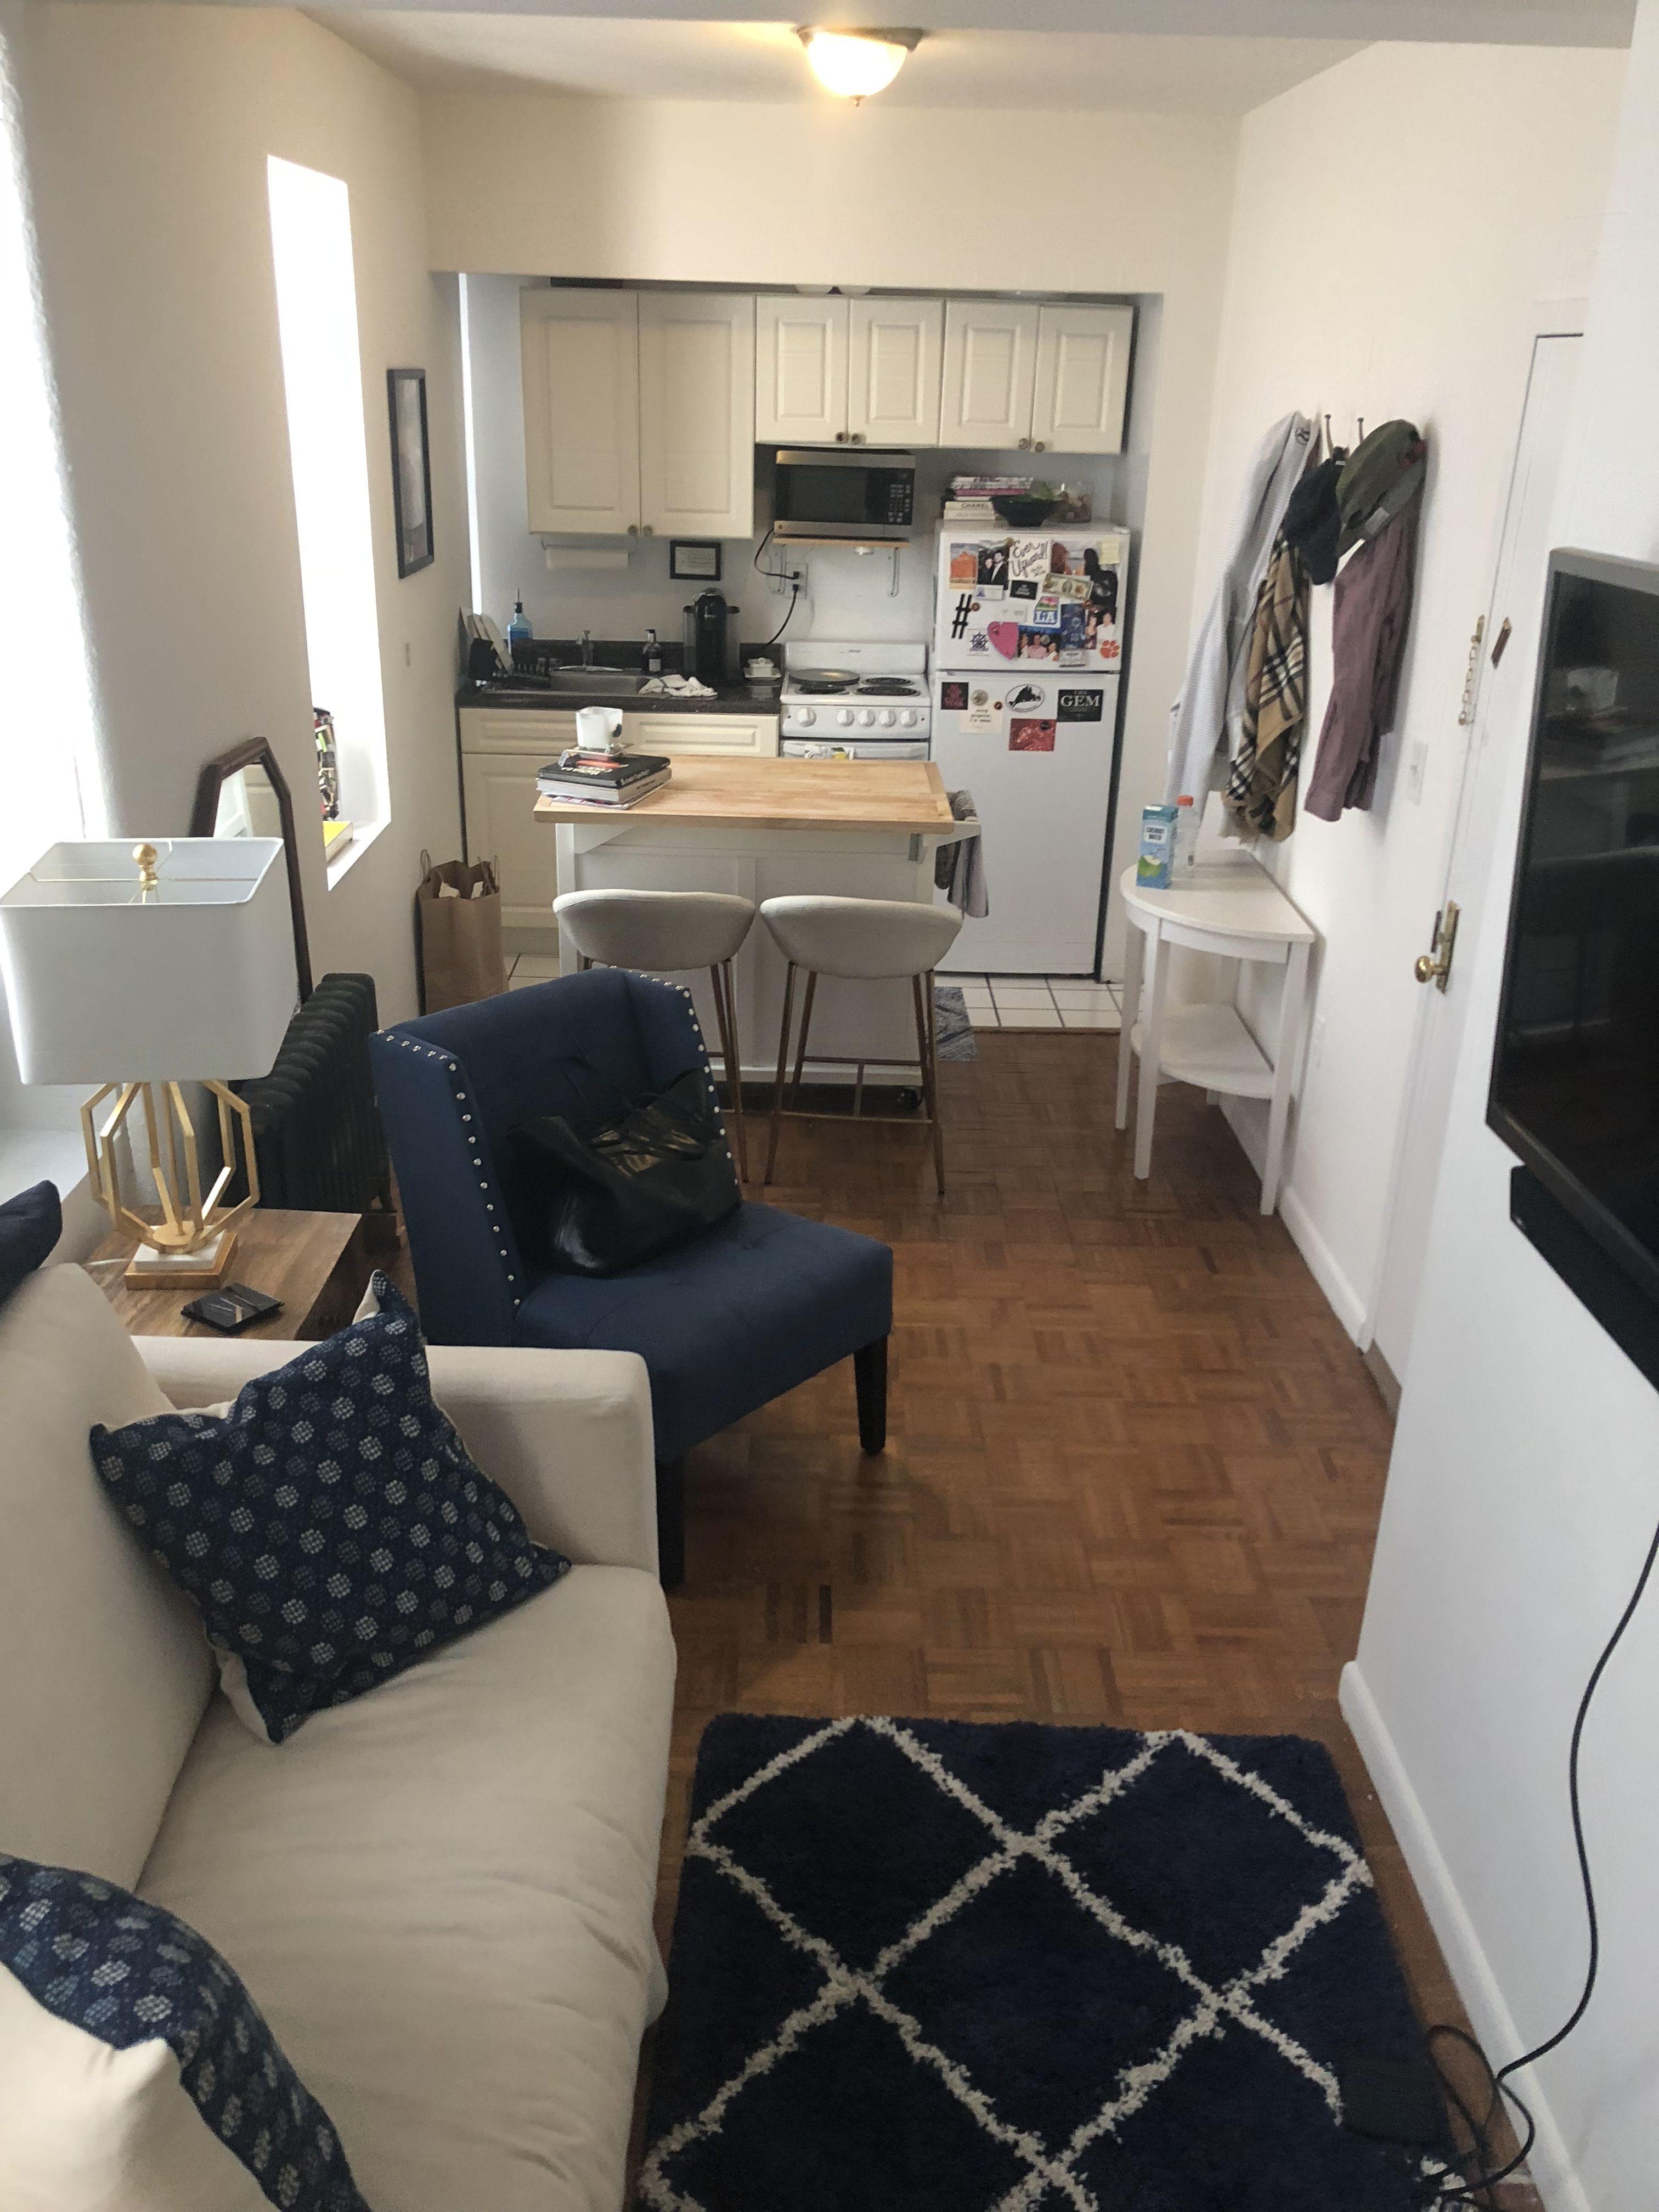 Living comedor y cocina en poco espacio salas em 2019 for Cocina comedor en poco espacio